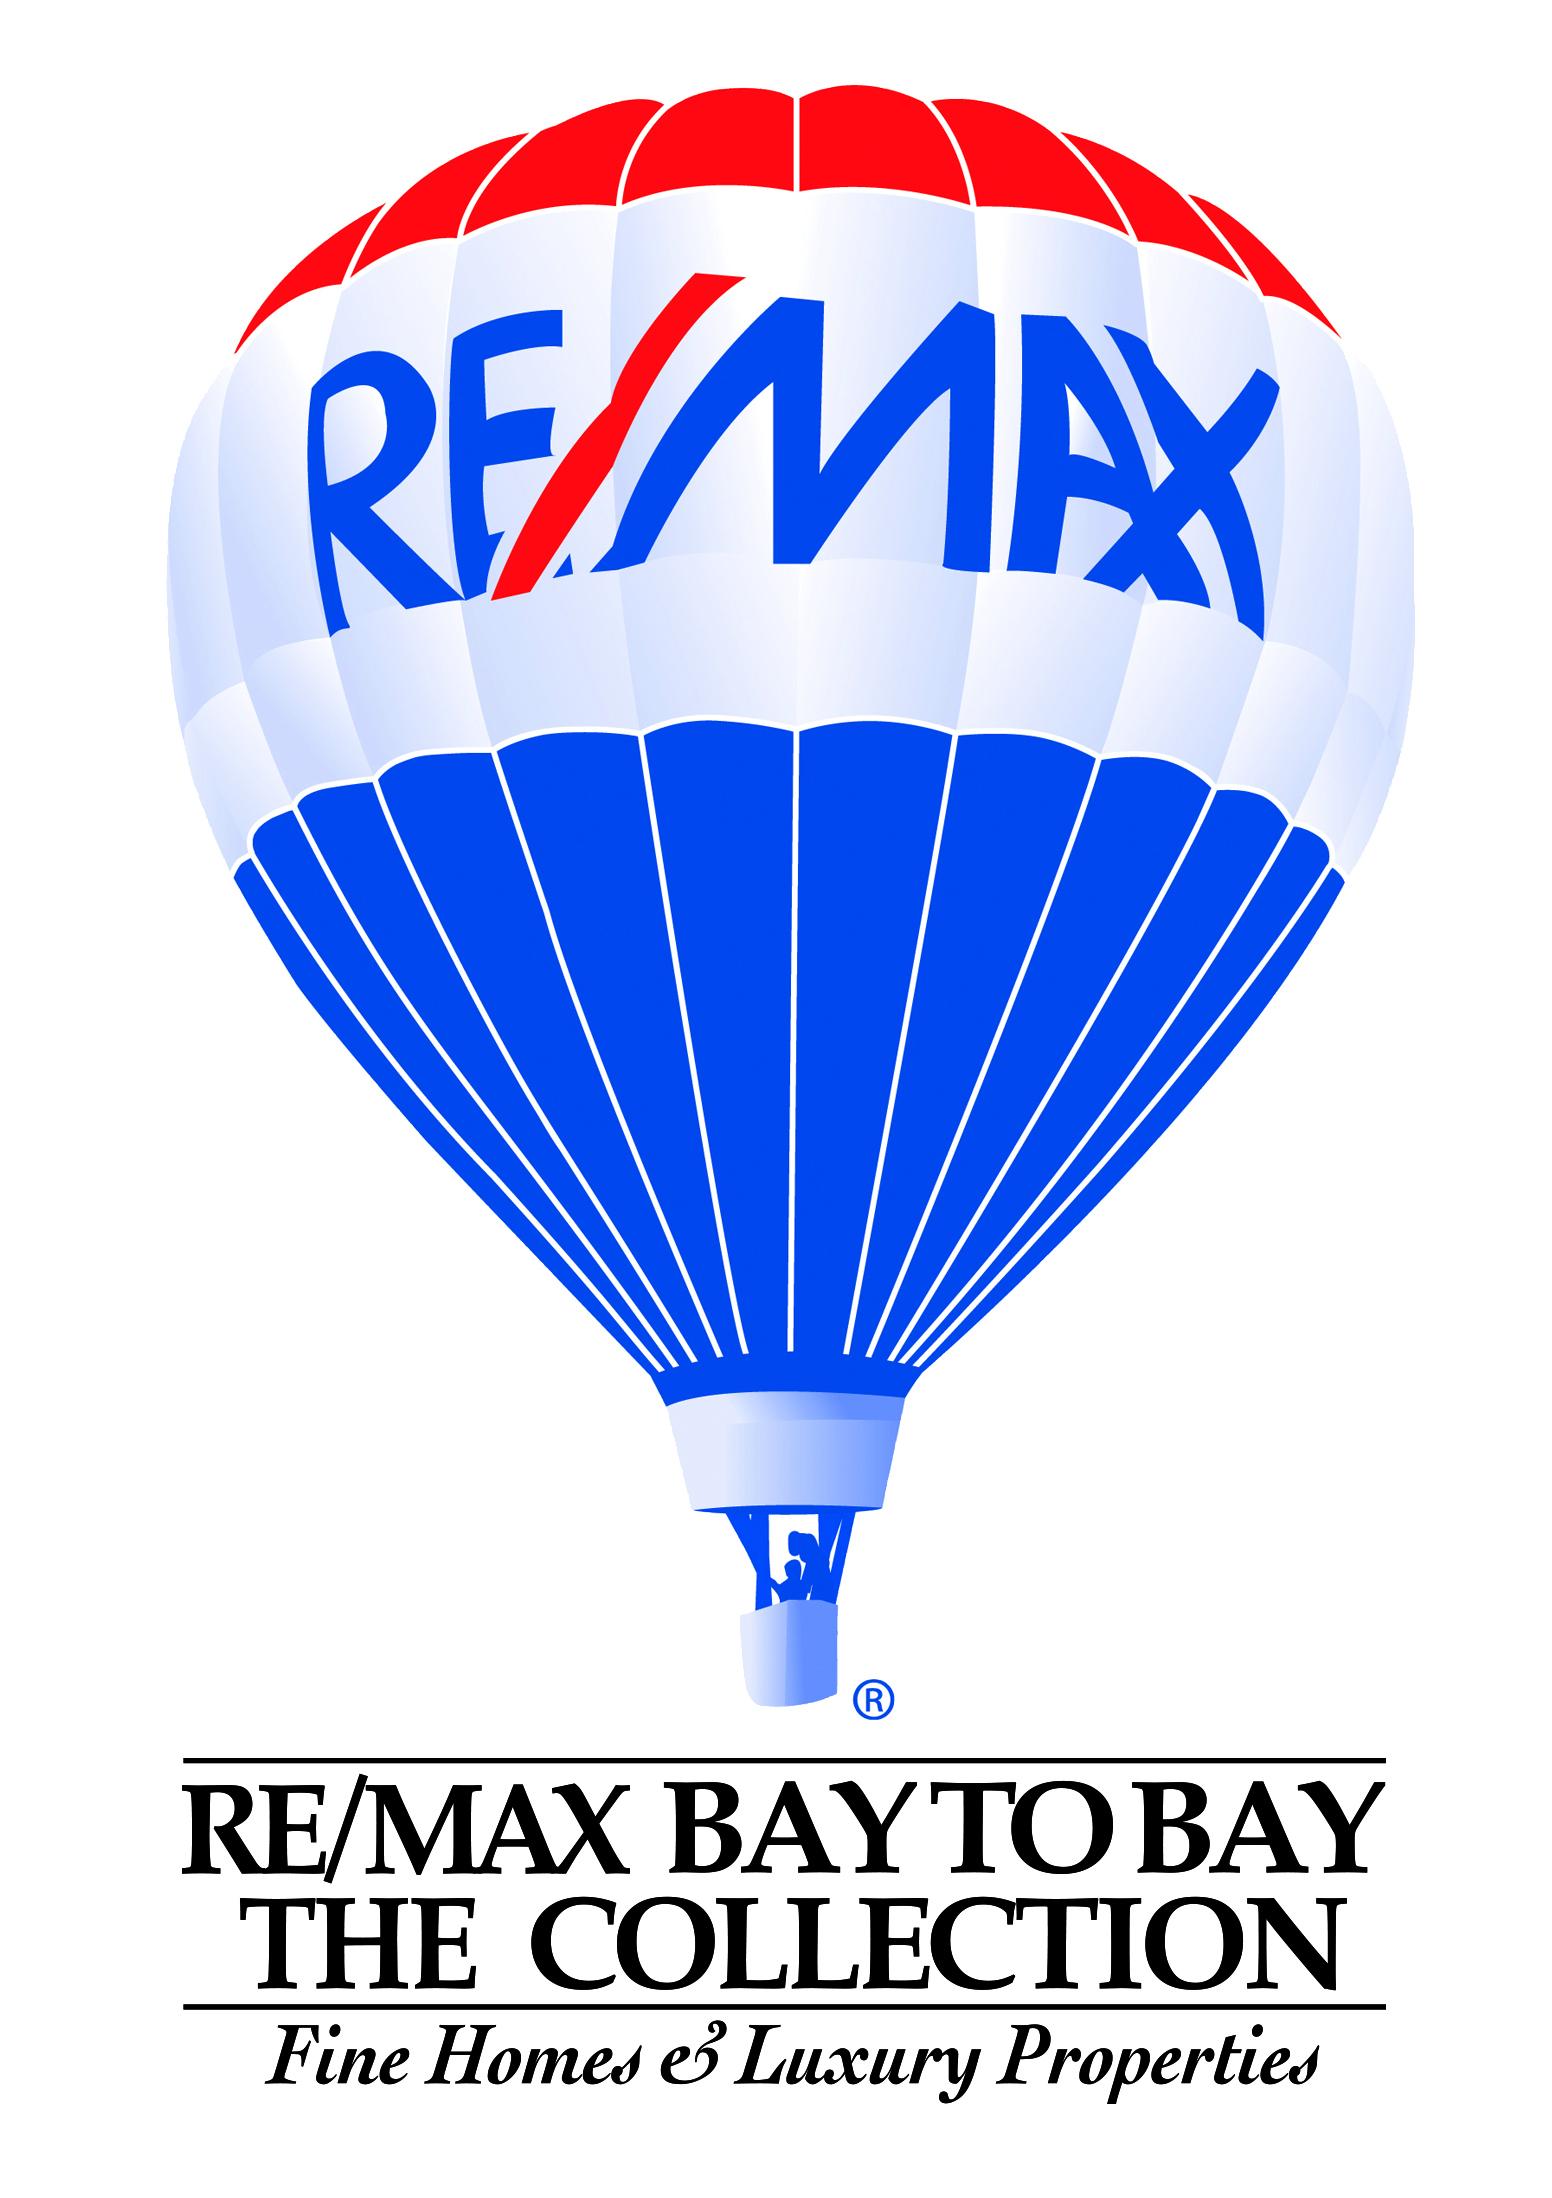 remax_bay2bay (1).jpg